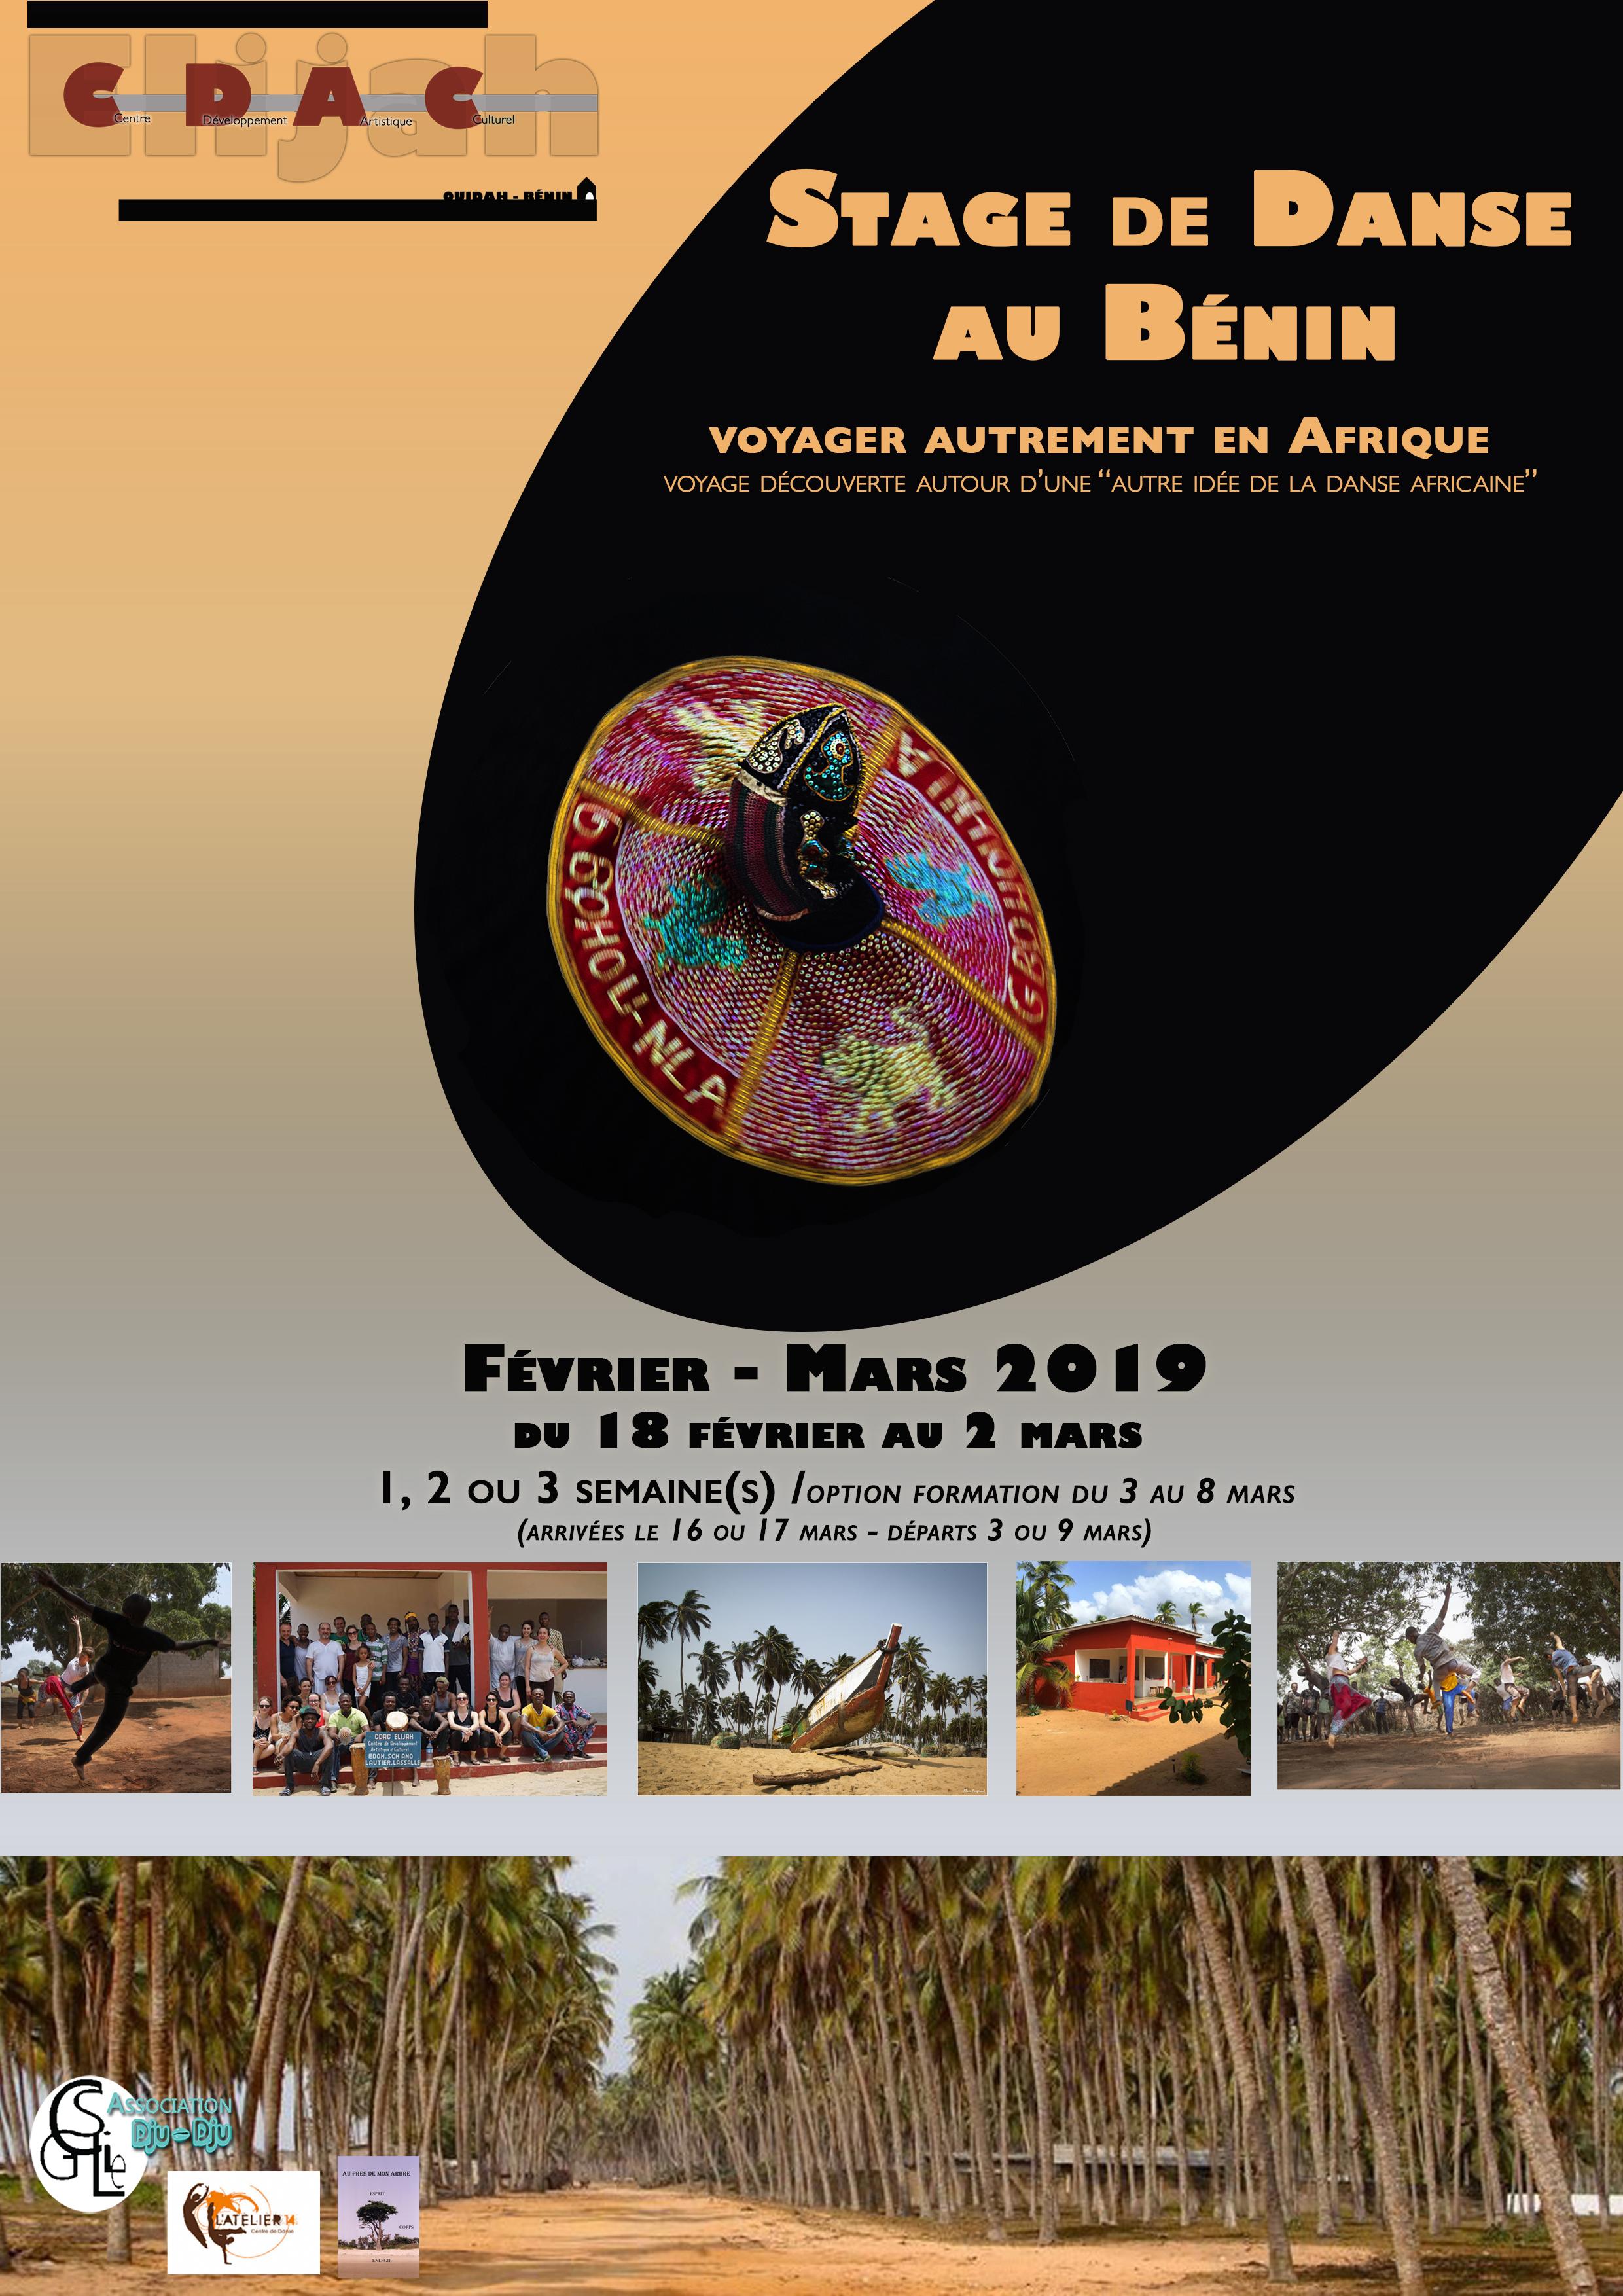 Stage de danse au Bénin : voyager autrement en Afrique (fév. /mars 2019)